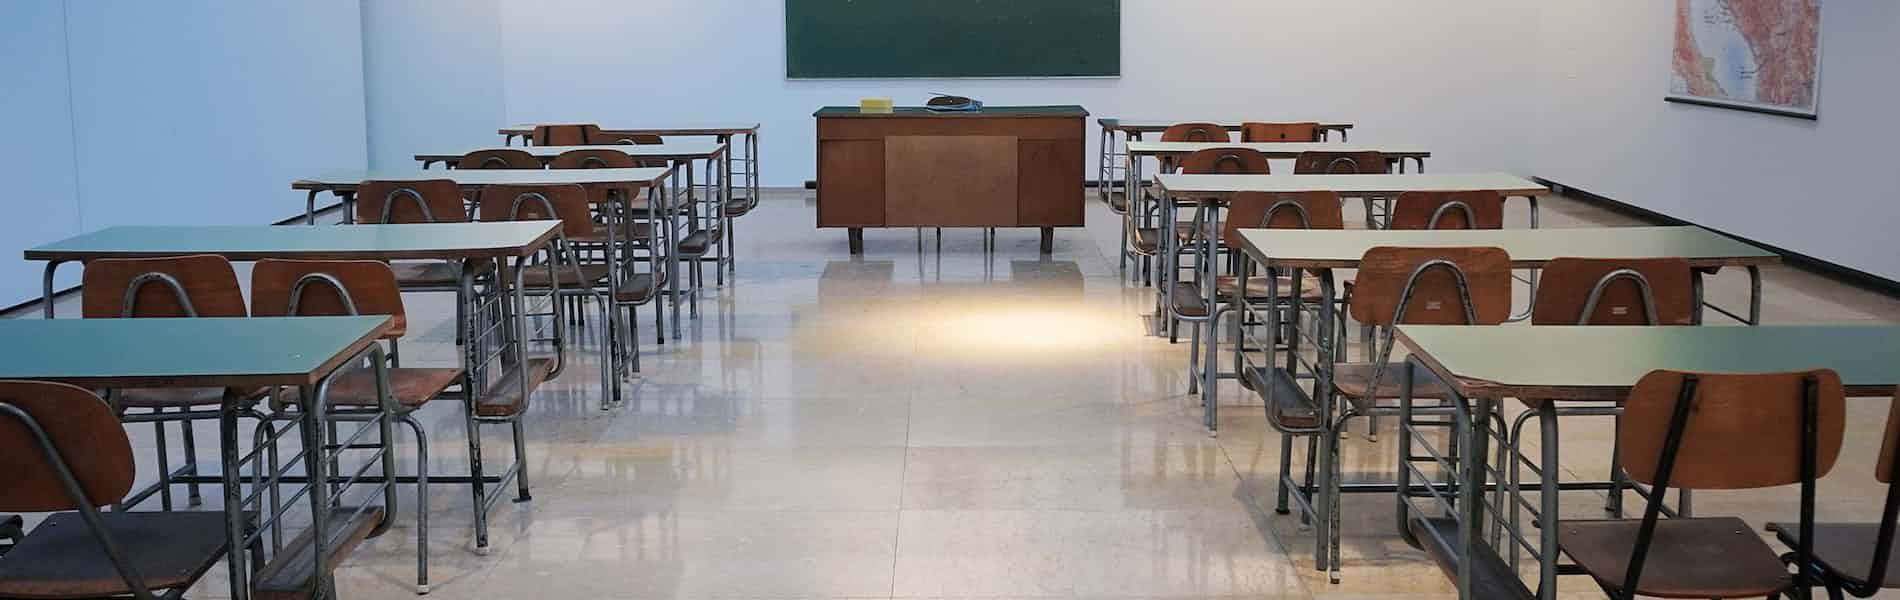 שילוב יחידני של תלמידים על הרצף האוטיסטי (ASD) בכיתות רגילות